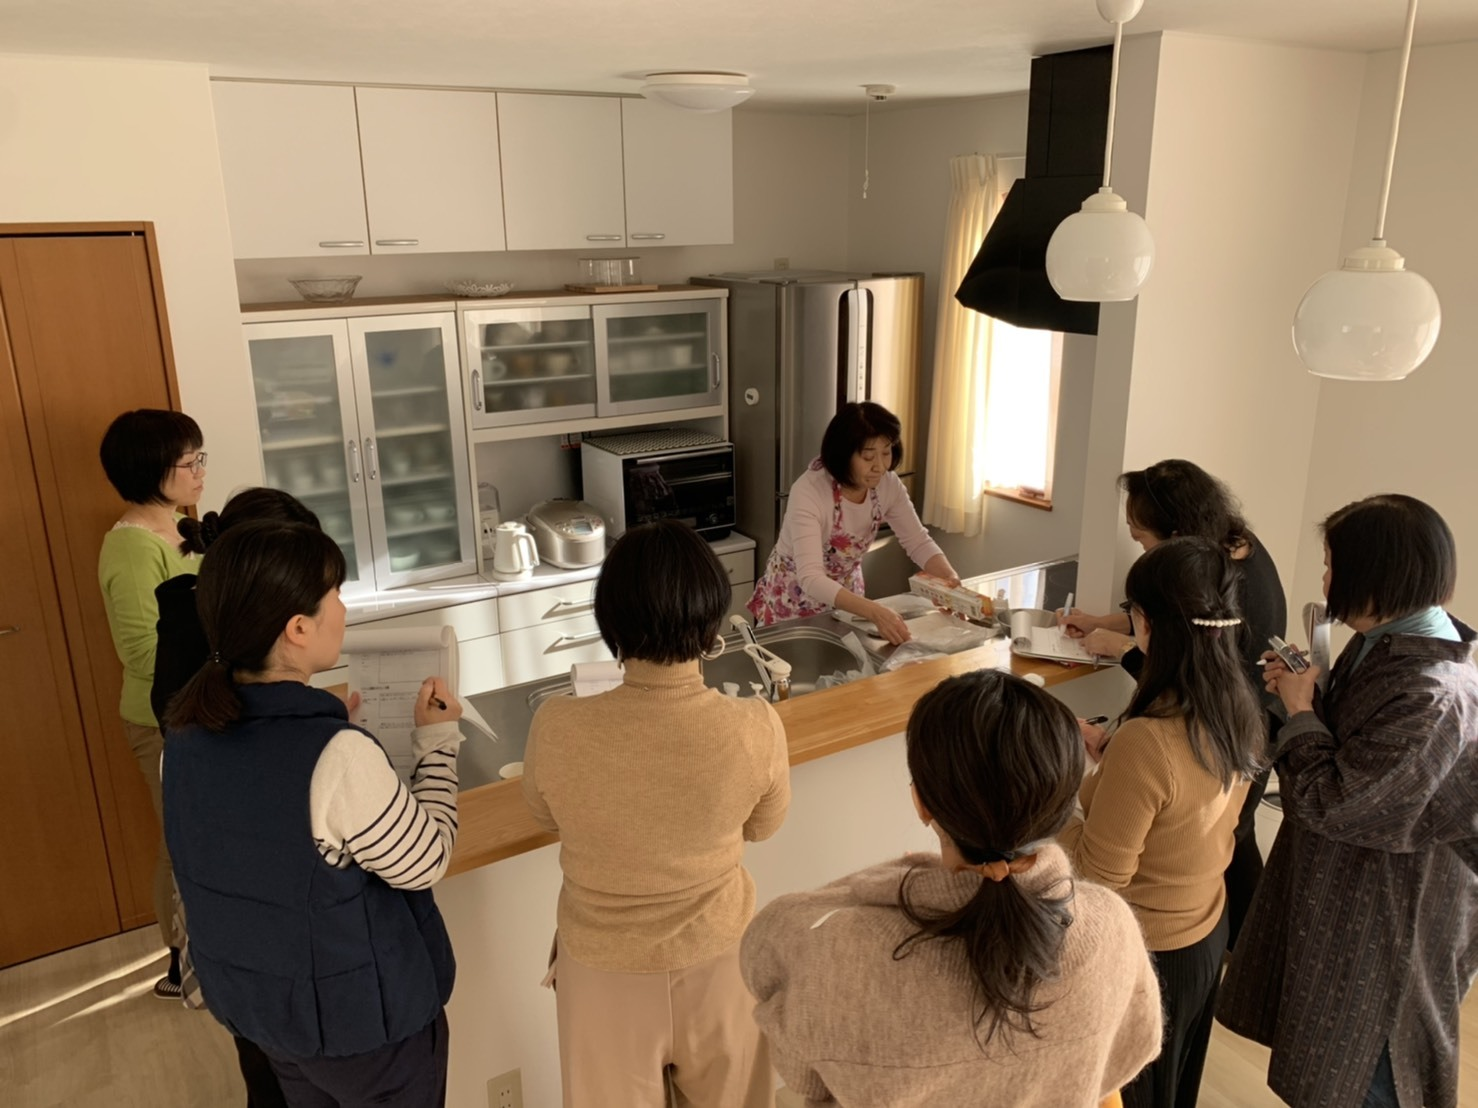 第3回[自分時間が手に入る!スーパー家政婦の時短調理術・実演&片づけのプロの使いやすいキッチン収納講座]_a0239890_12174510.jpg